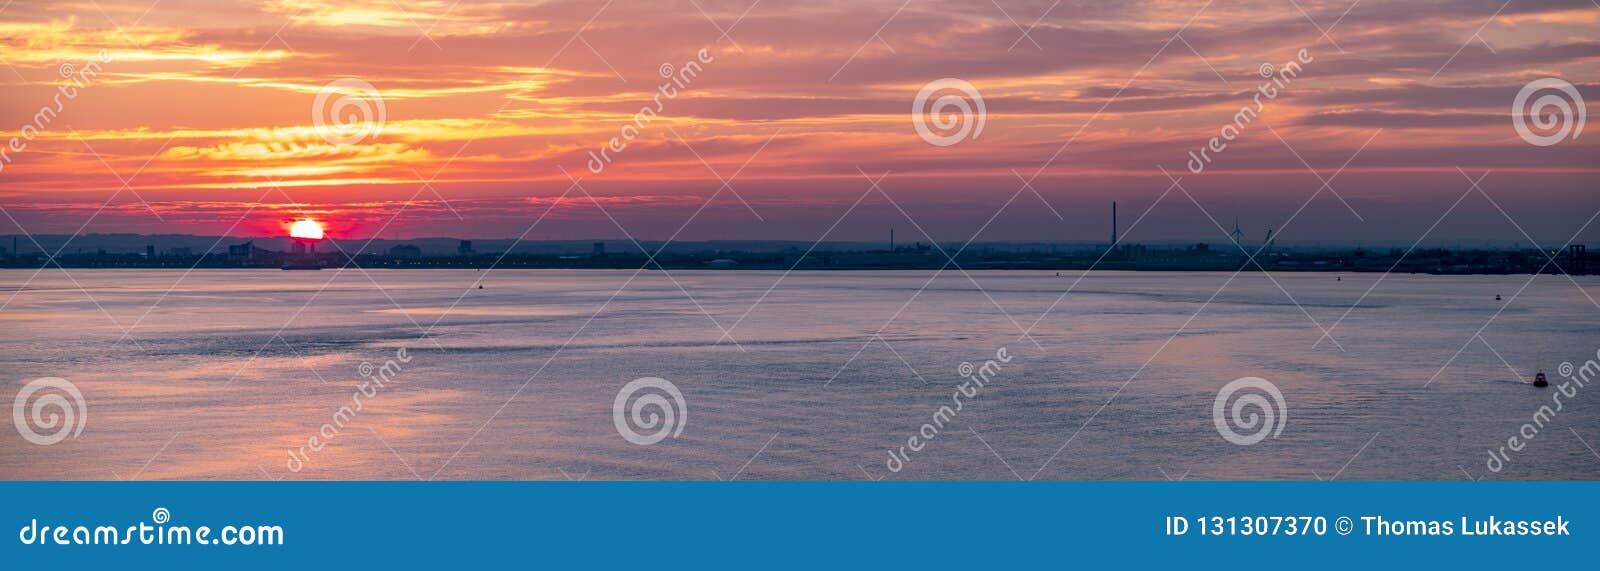 Skrovhamn på solnedgången, England - Förenade kungariket